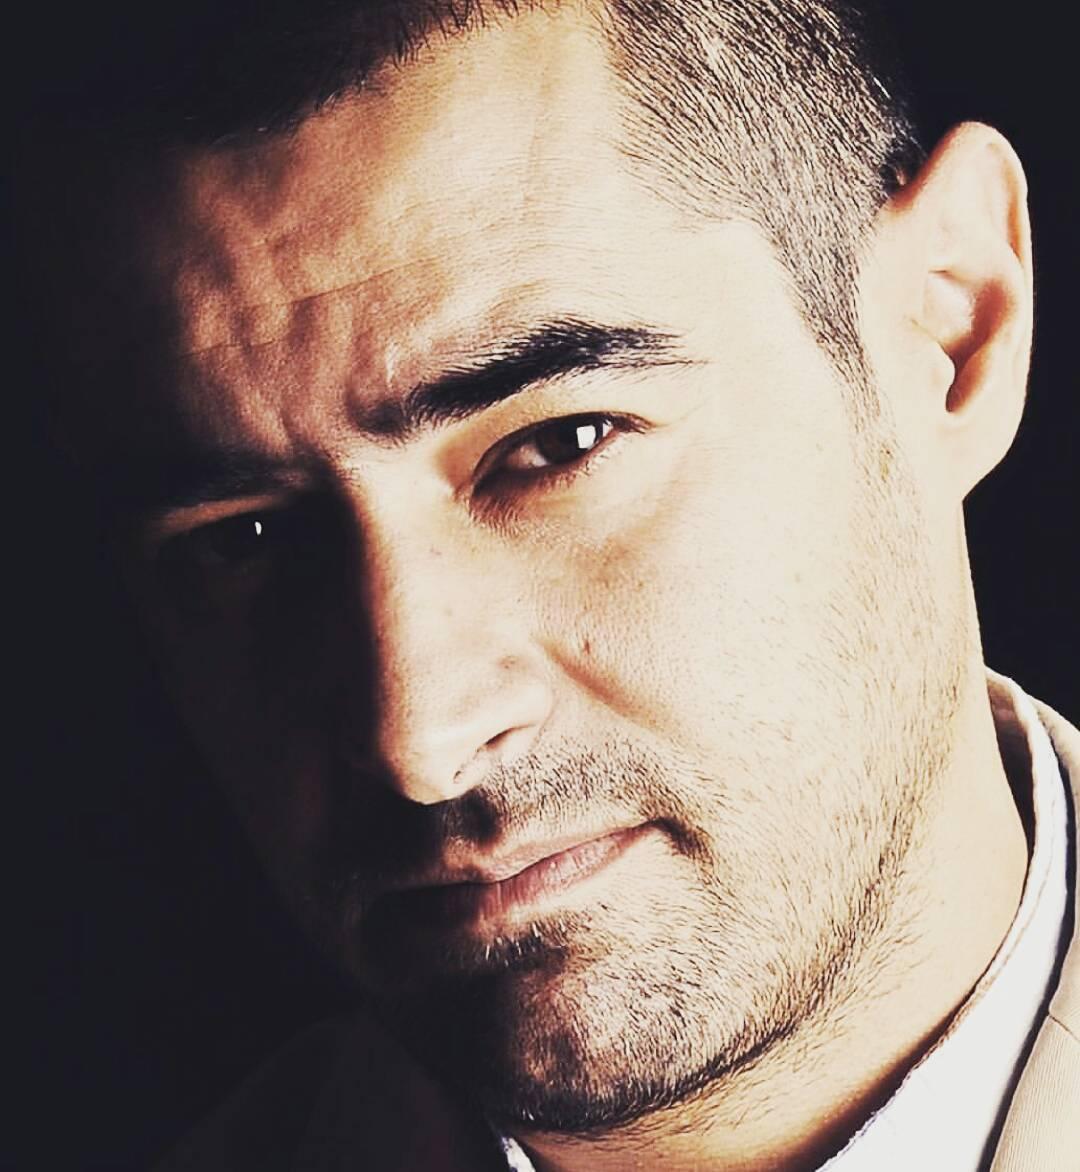 شهاب حسینی بيوگرافي کامل